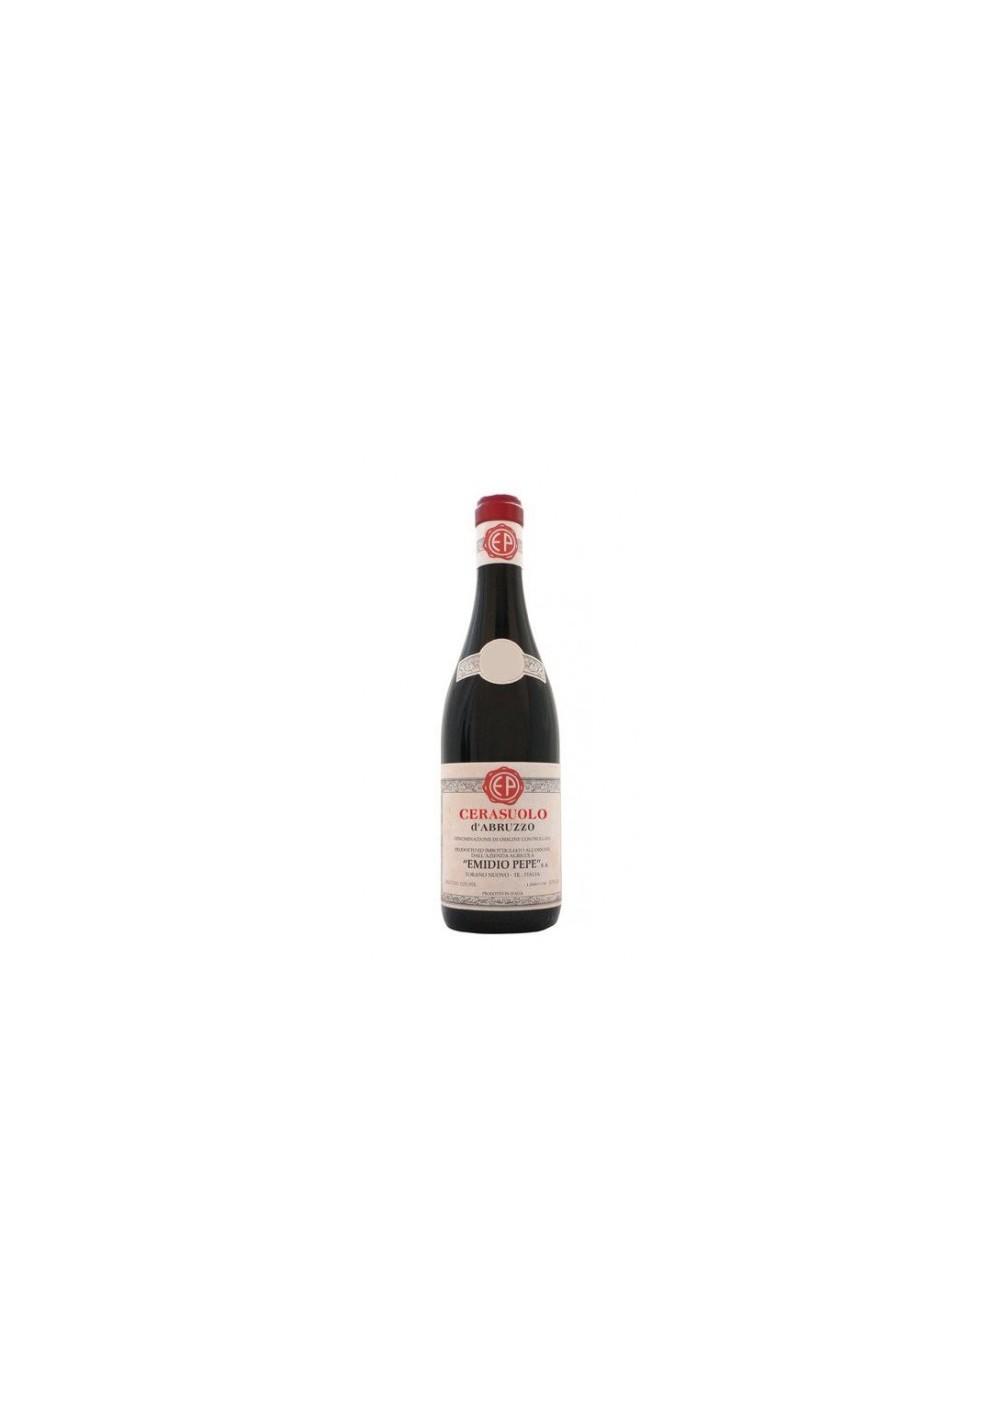 Cerasuolo d'Abruzzo DOC - Emidio Pepe